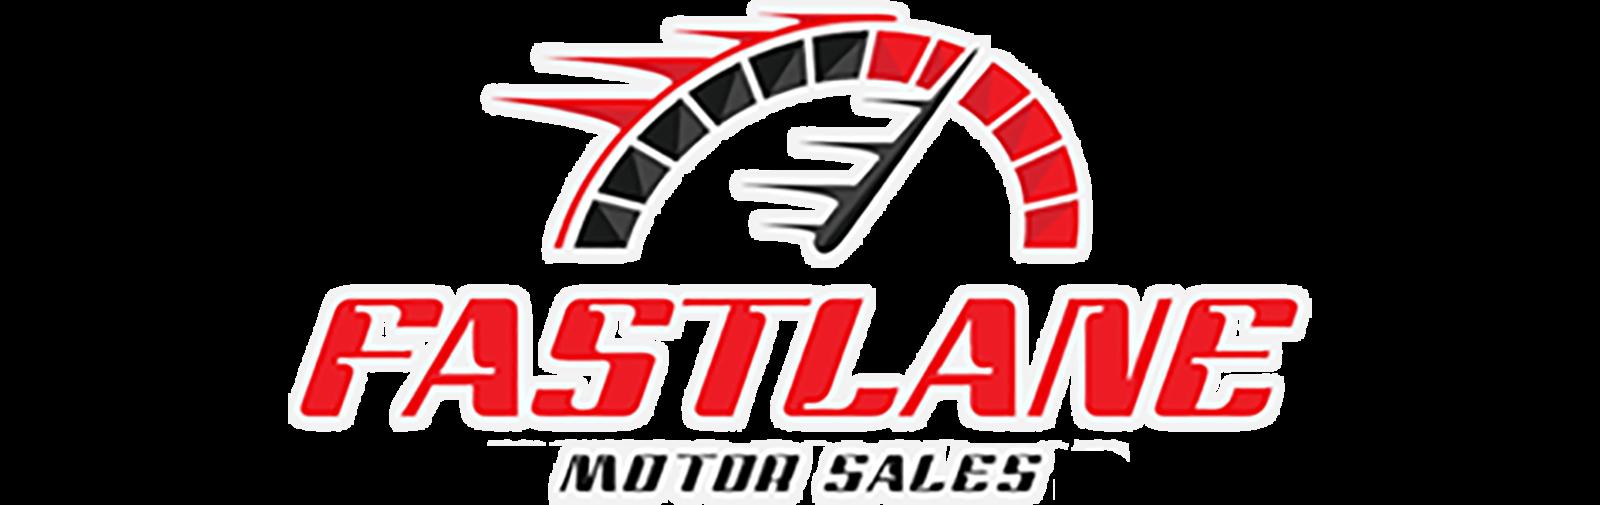 Fastlane Motor Sales - Athens, AL: Read Consumer reviews, Browse ...